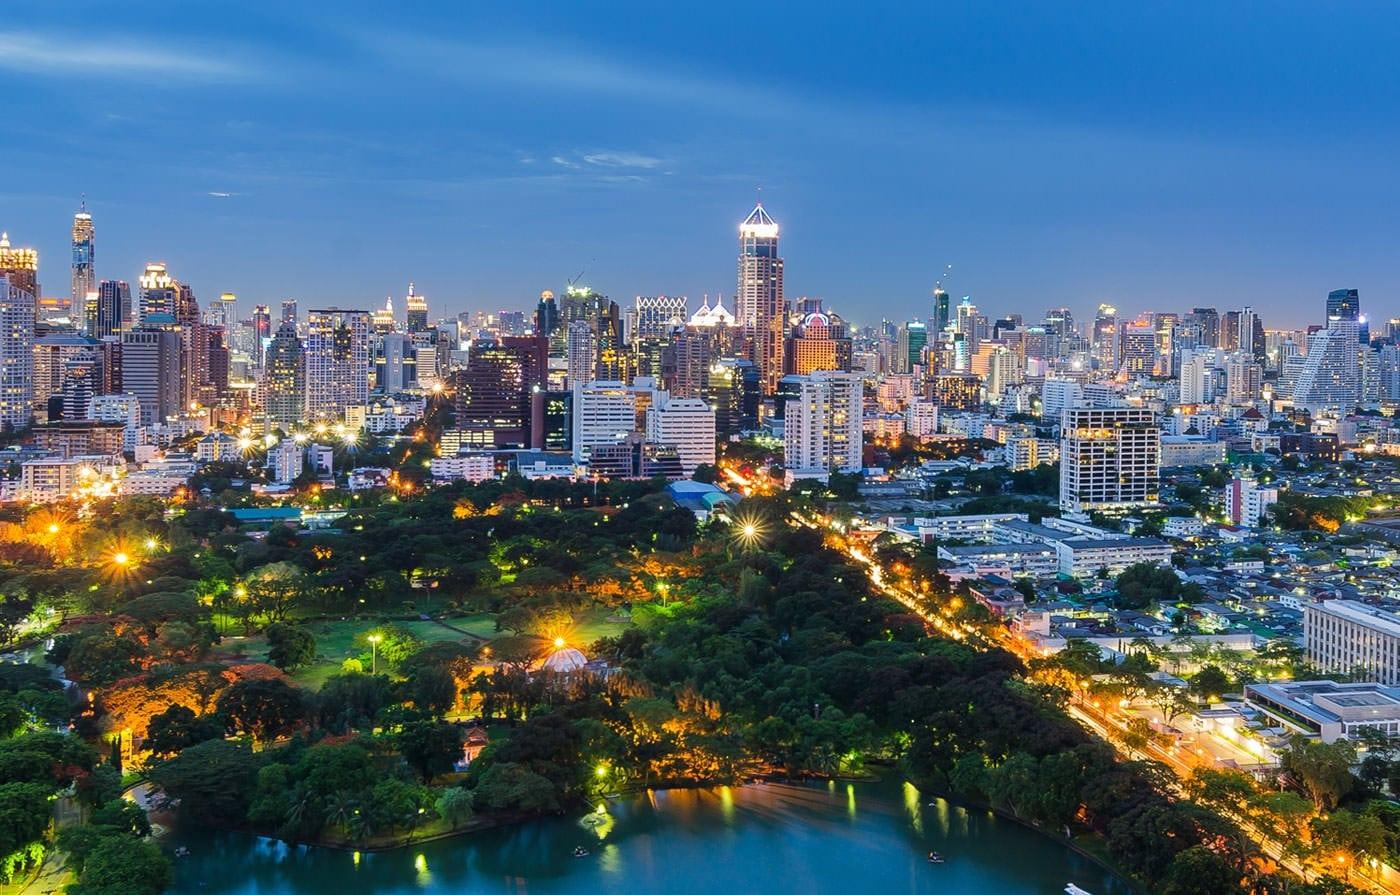 اهم الانشطه في لومبيني بارك تايلاند